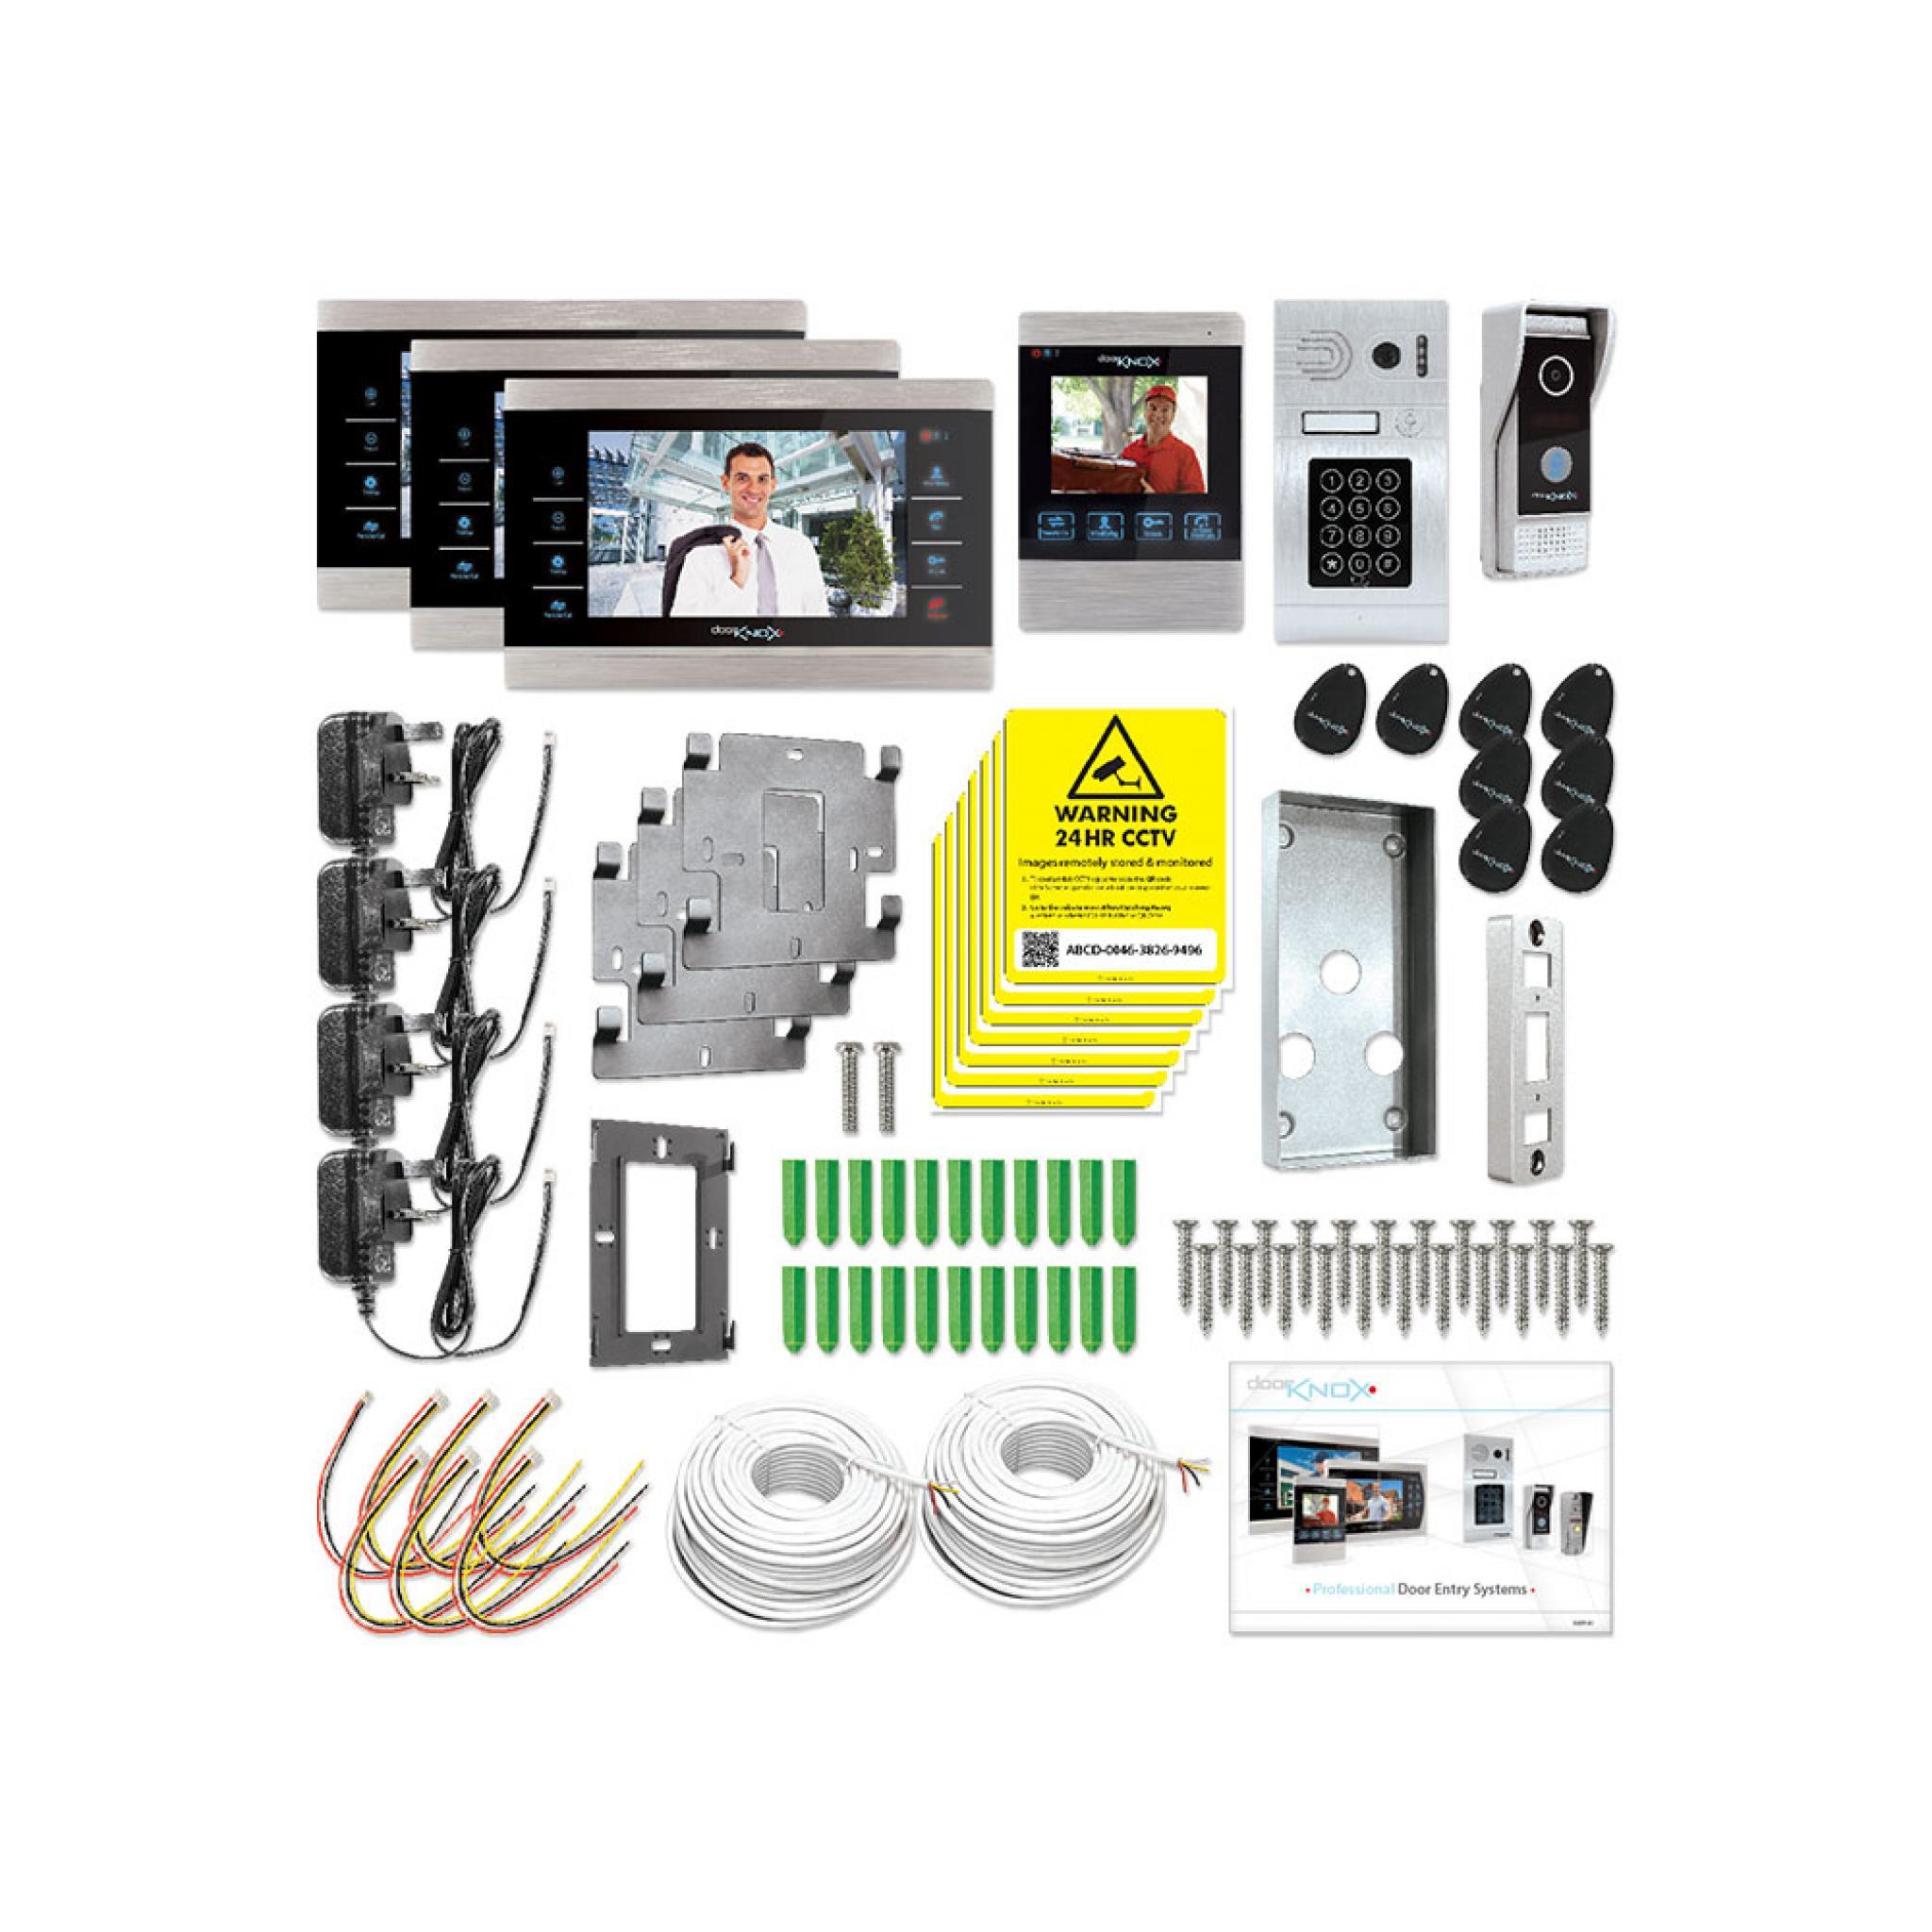 Doorknox Video Door Entry Kit 4 Monitors 2 Camaras